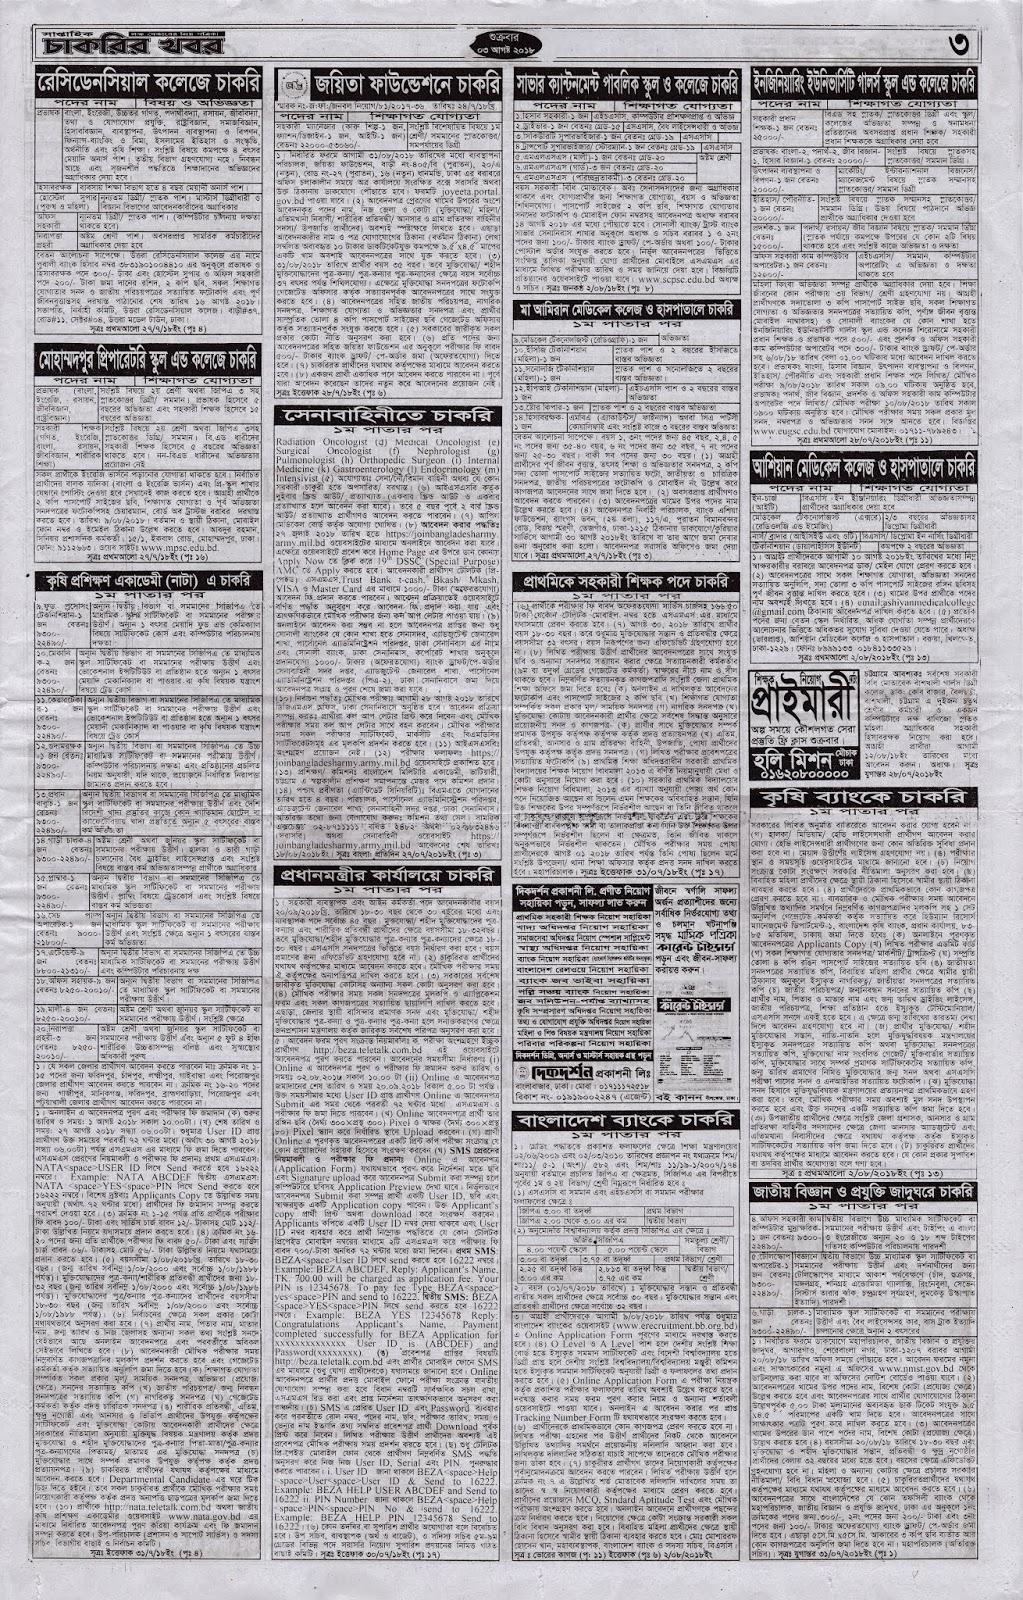 Weekly Jobs Newspaper 03 August 2018